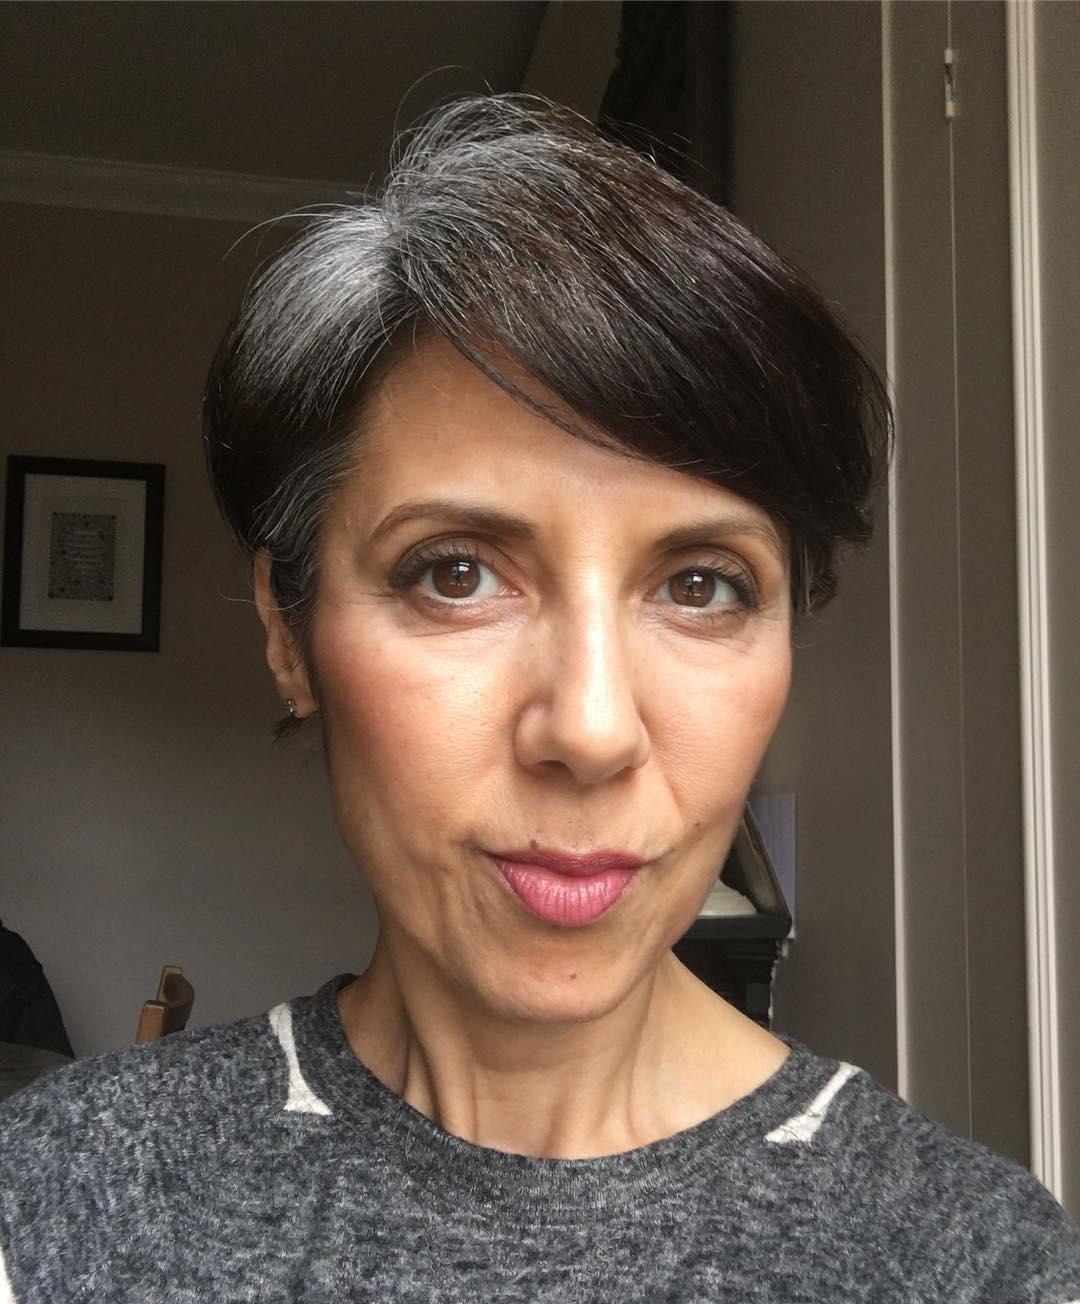 короткие стрижки для женщин старше 60 лет фото 7